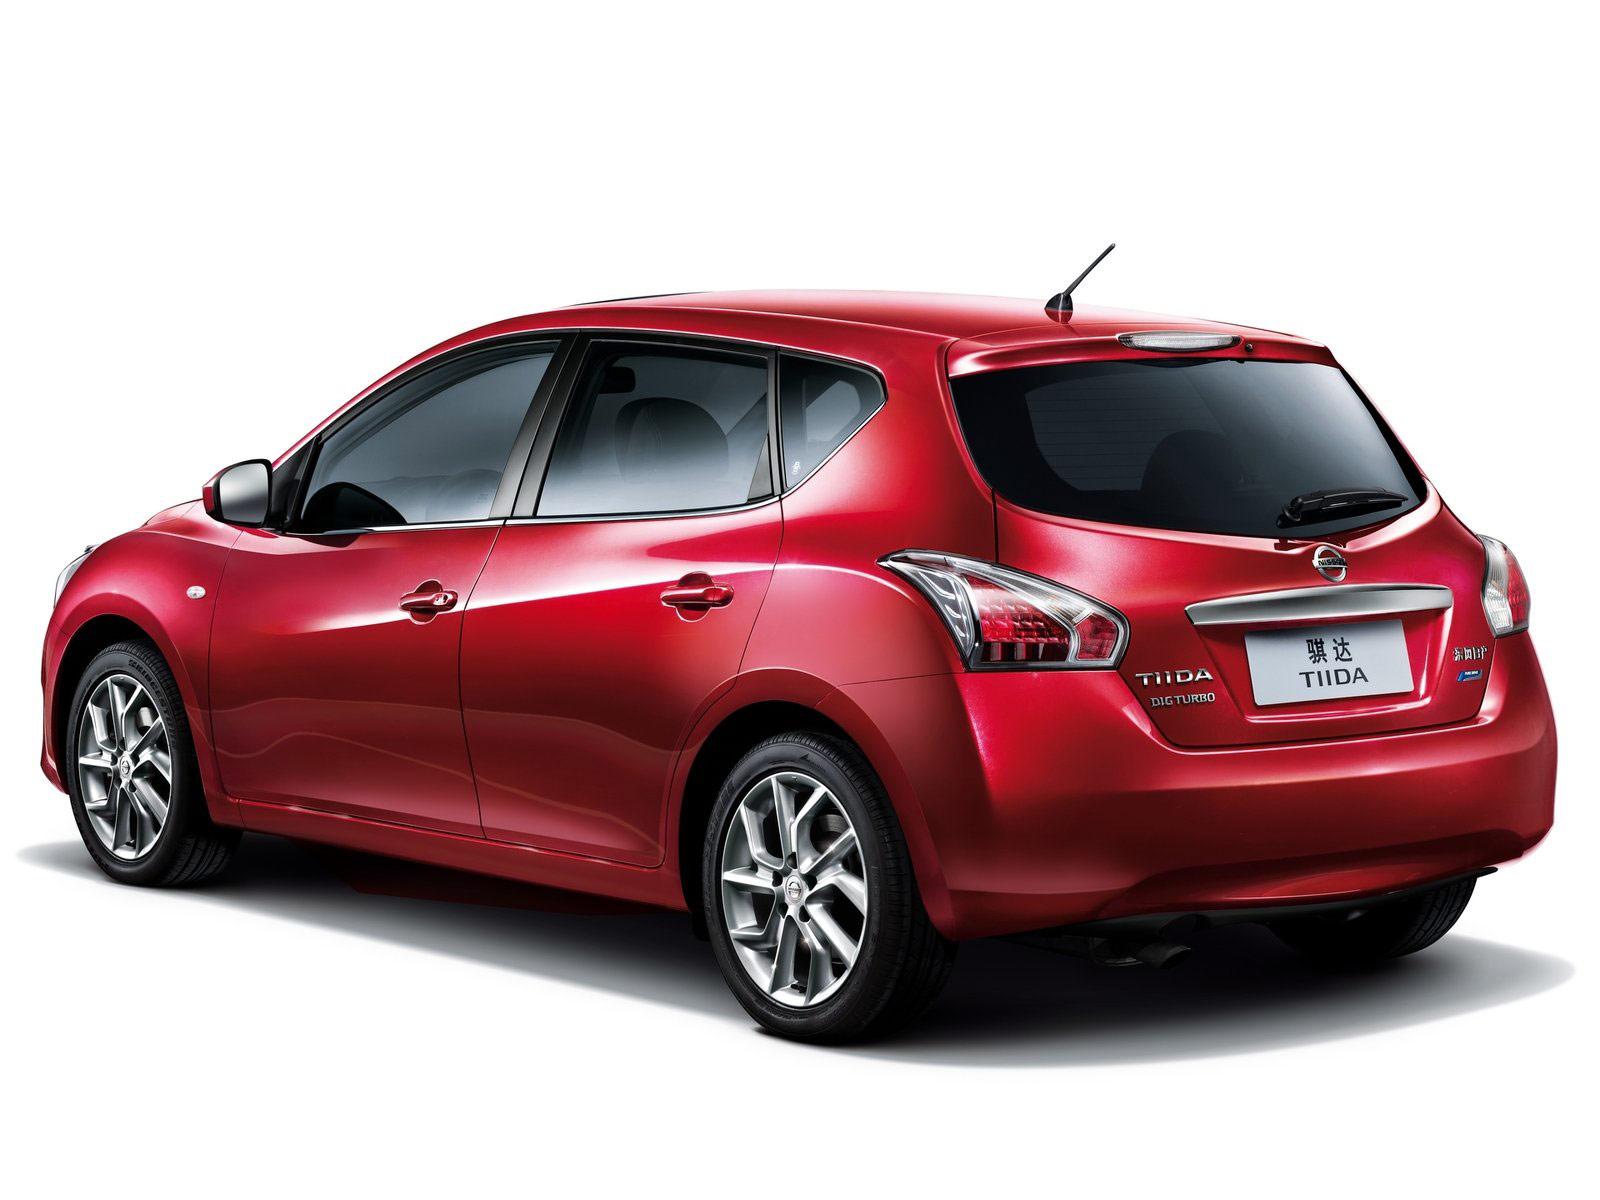 2012 Nissan Tiida Japanese Car Photos